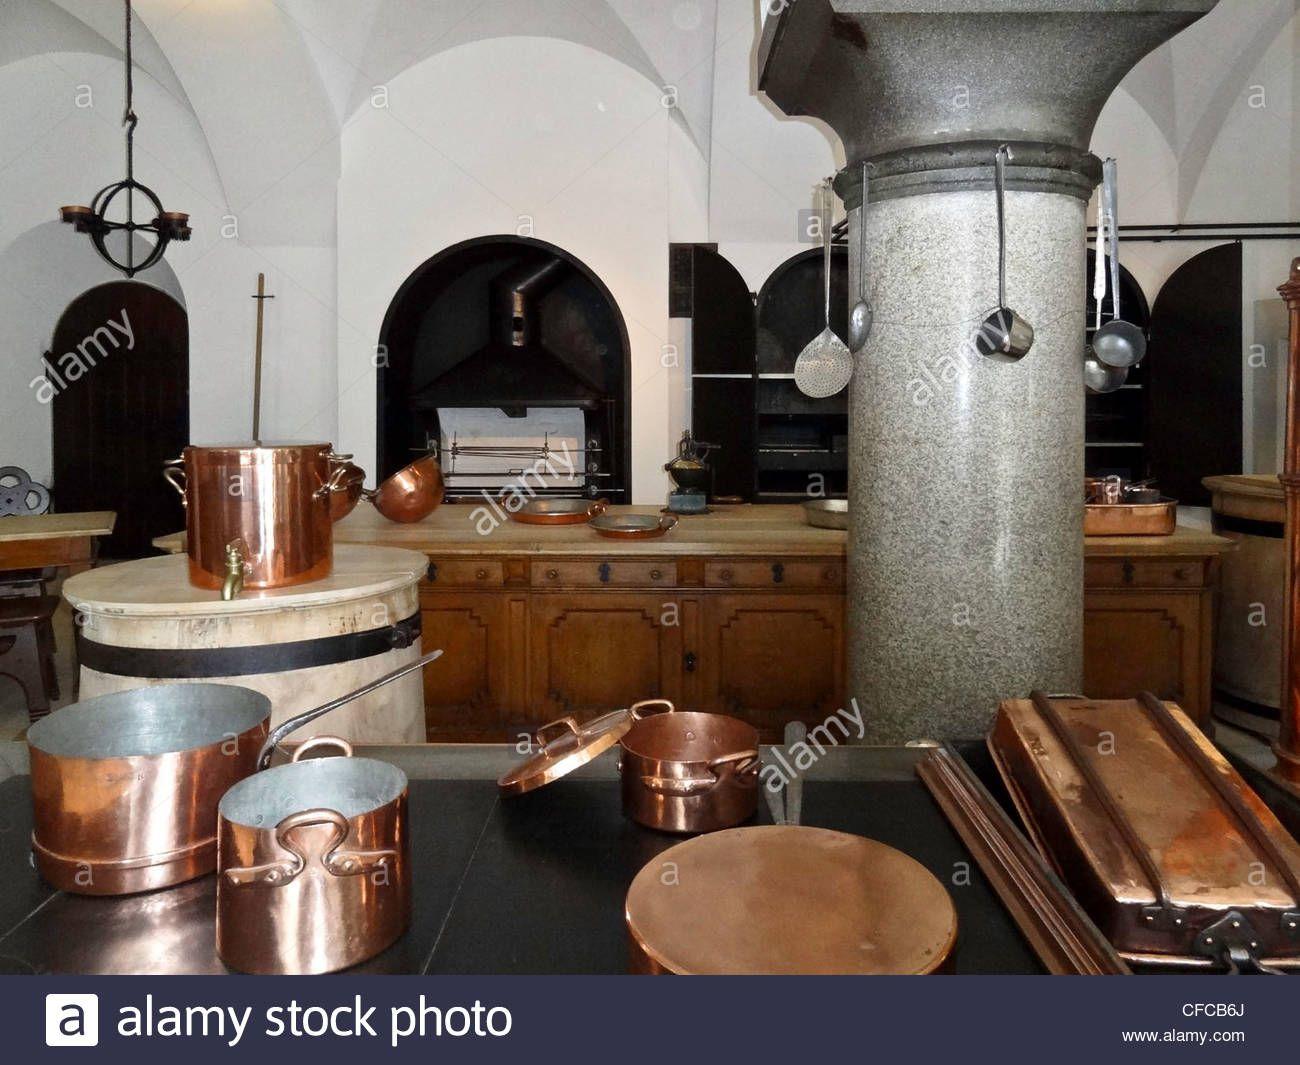 Deutschland Neuschwanstein Schloss Kupfer Kuche Topfe Geschirr Stockfoto Kupfer Kupfergeschirr Geschirr